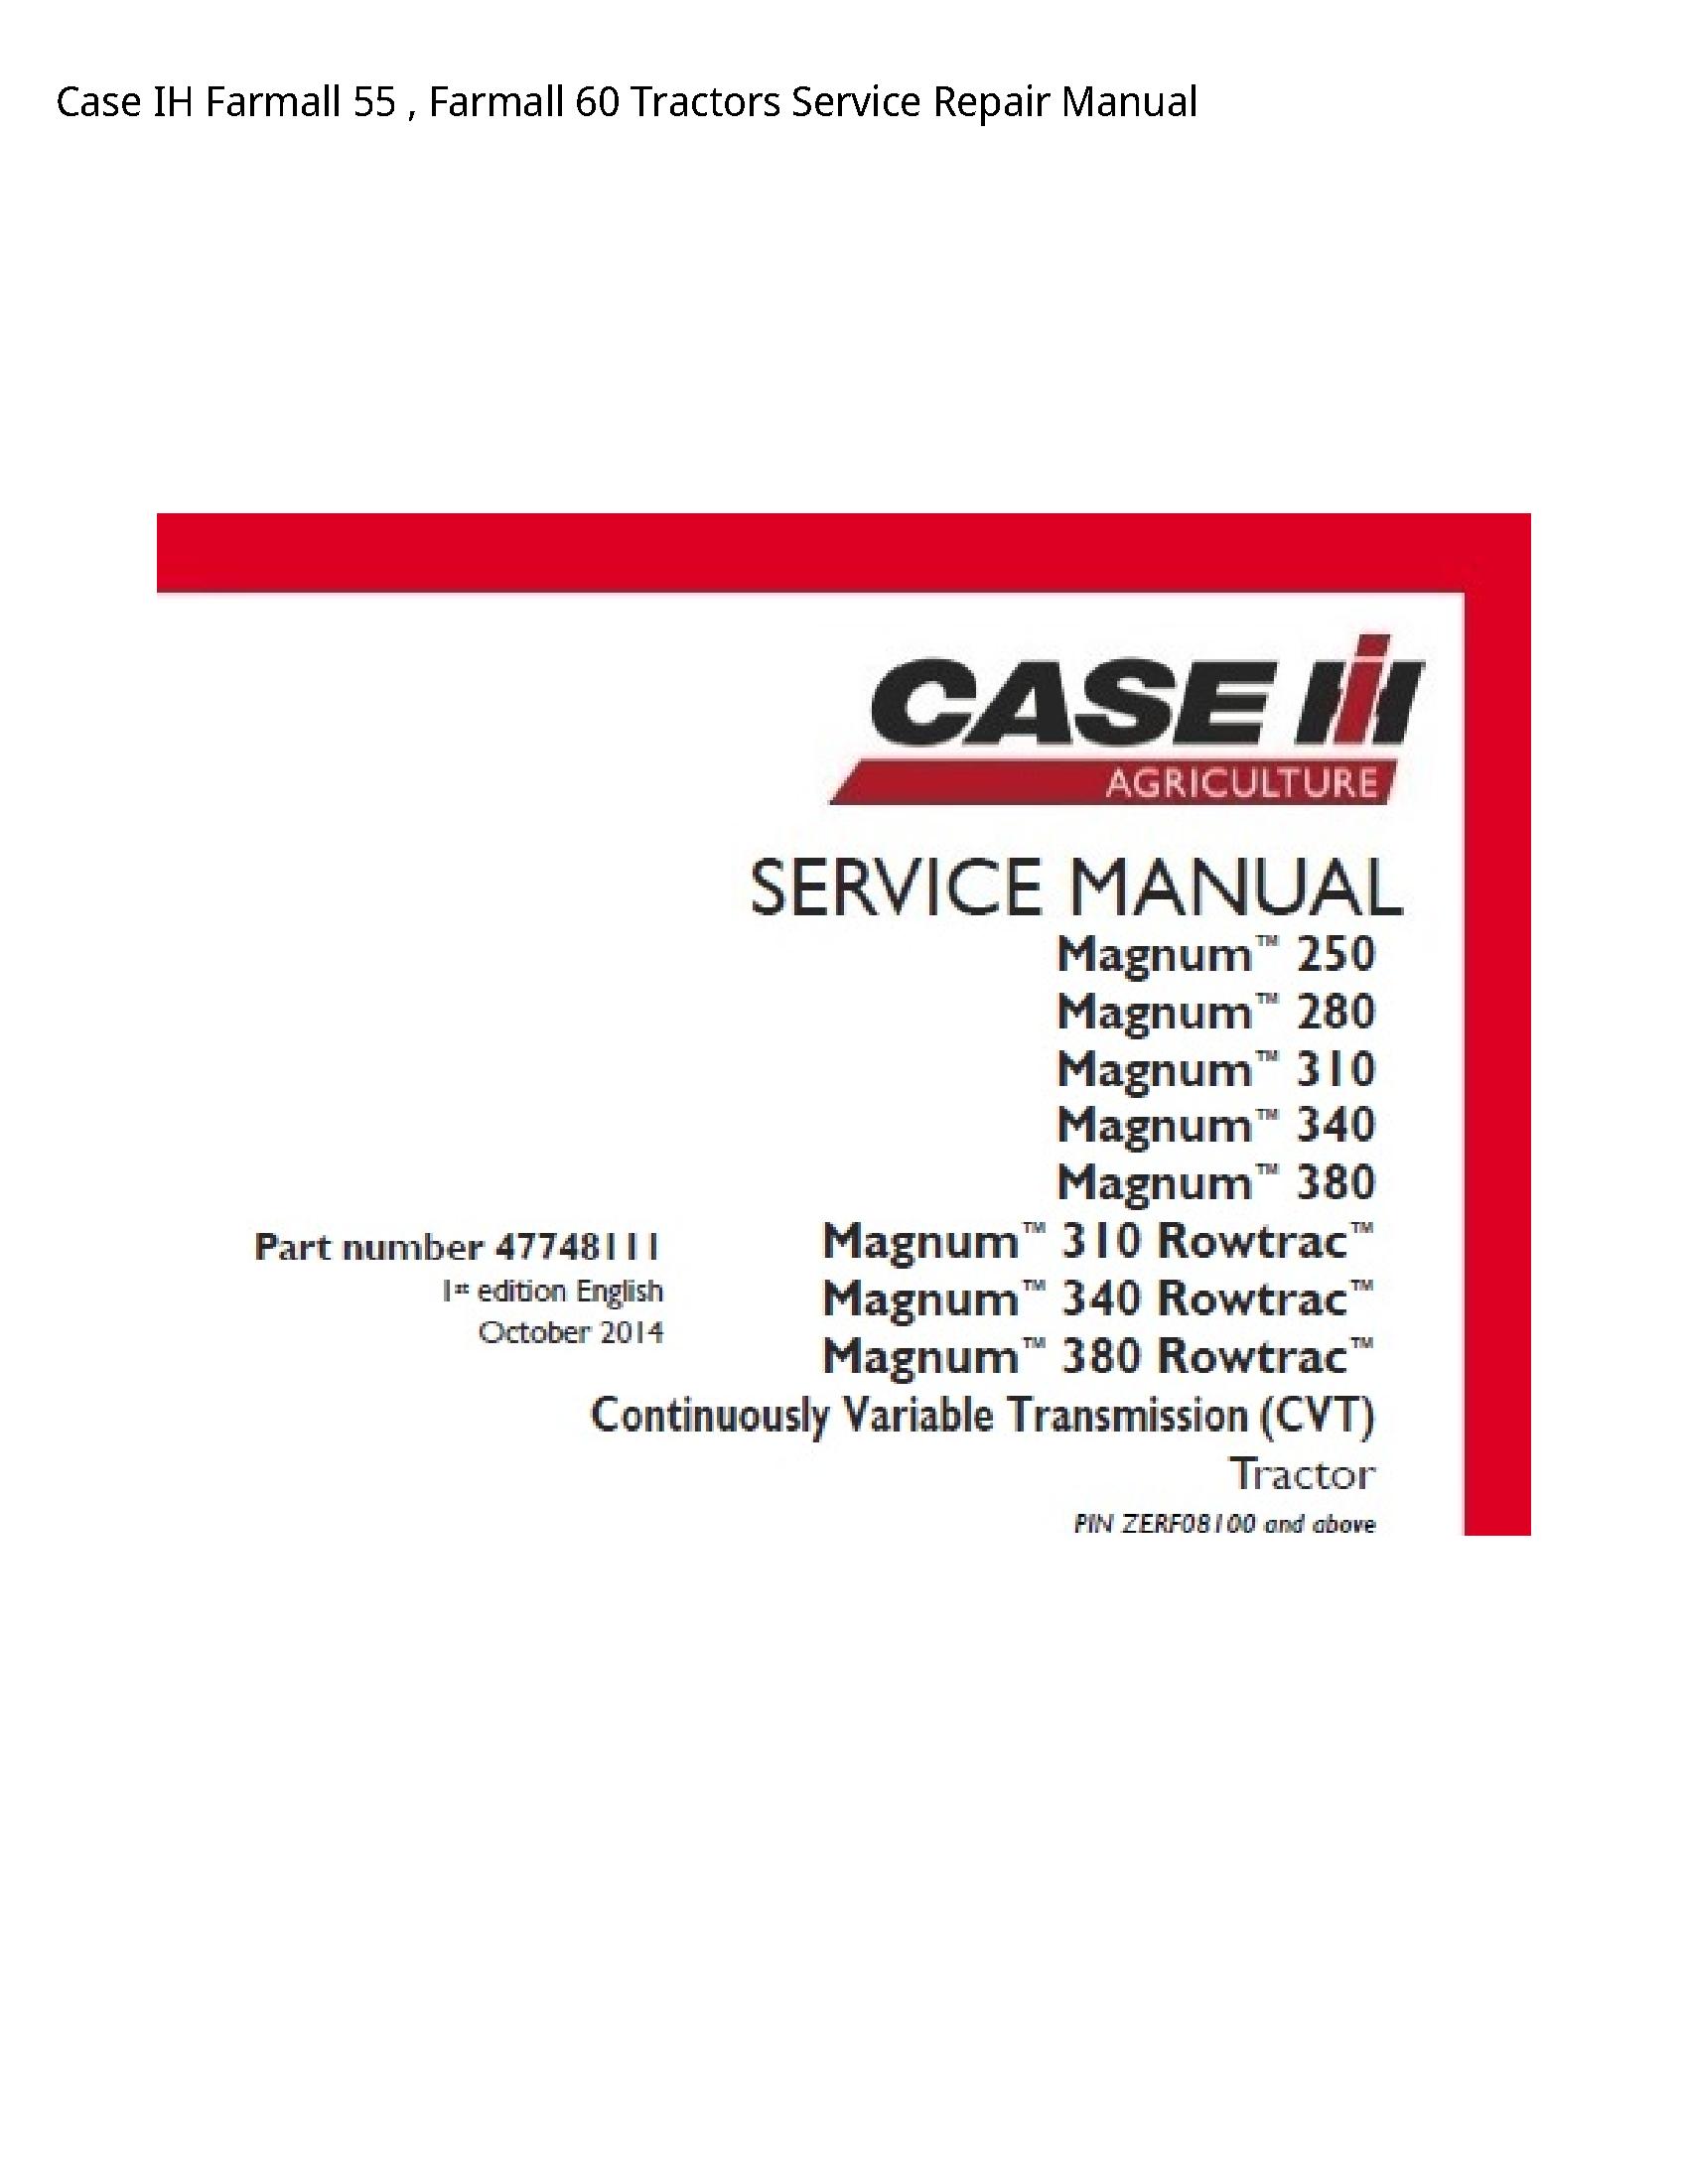 Case/Case IH 55 IH Farmall Farmall Tractors manual